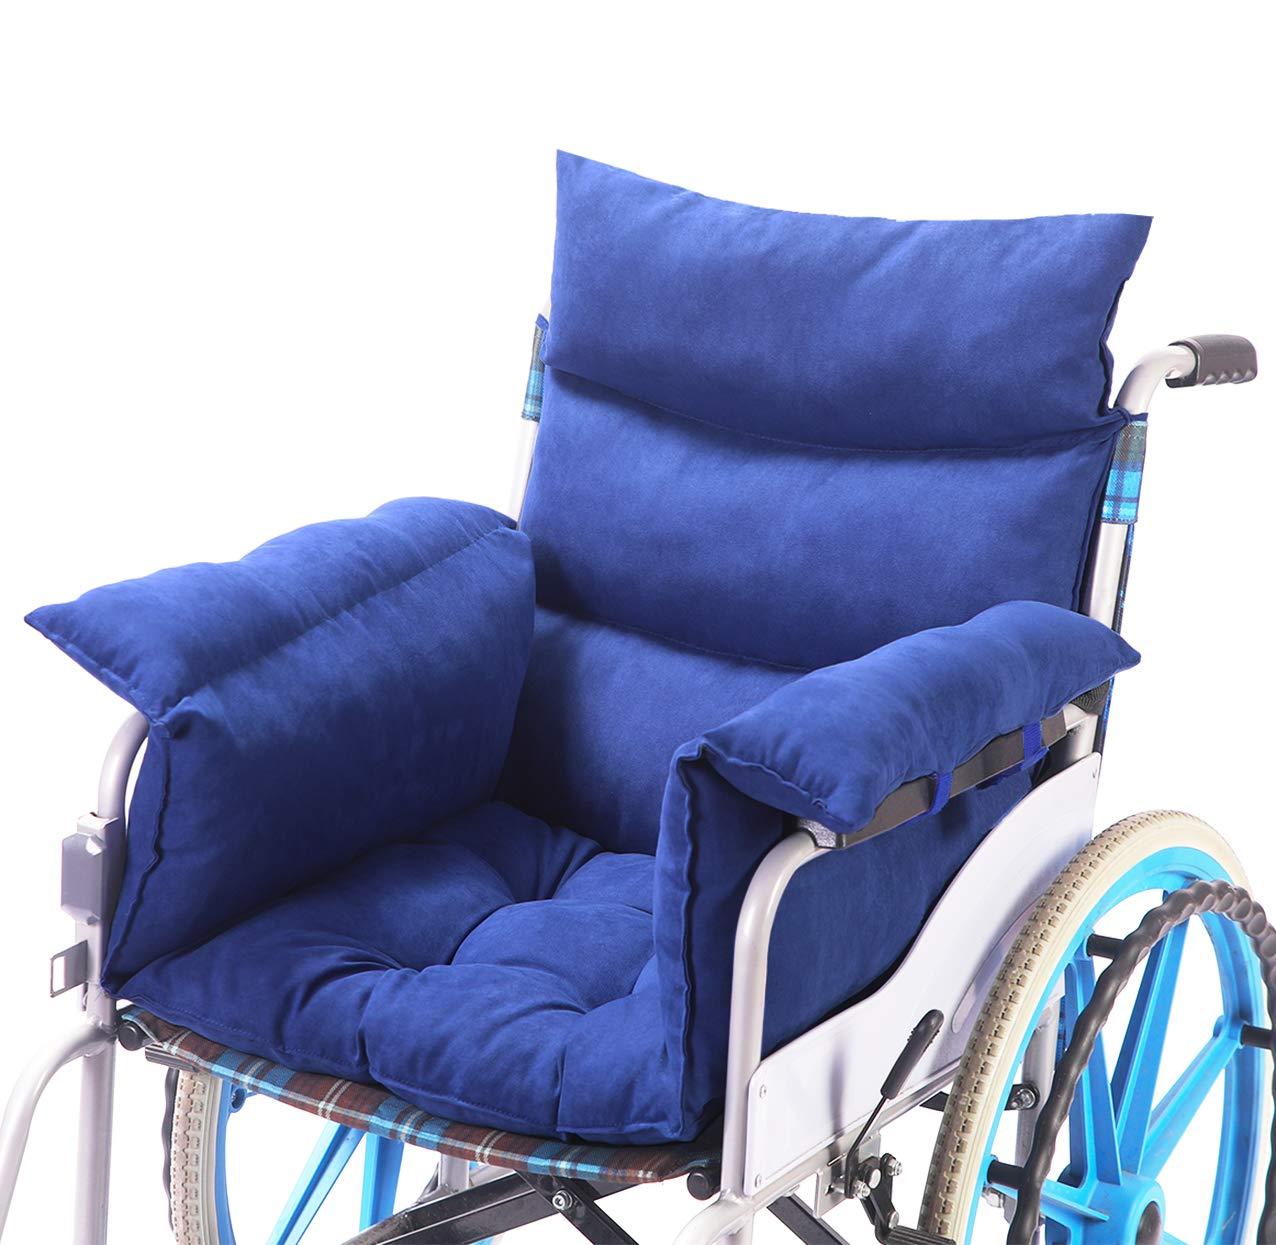 Amazon.com: Trendcode – Cojín para silla de ruedas de ...